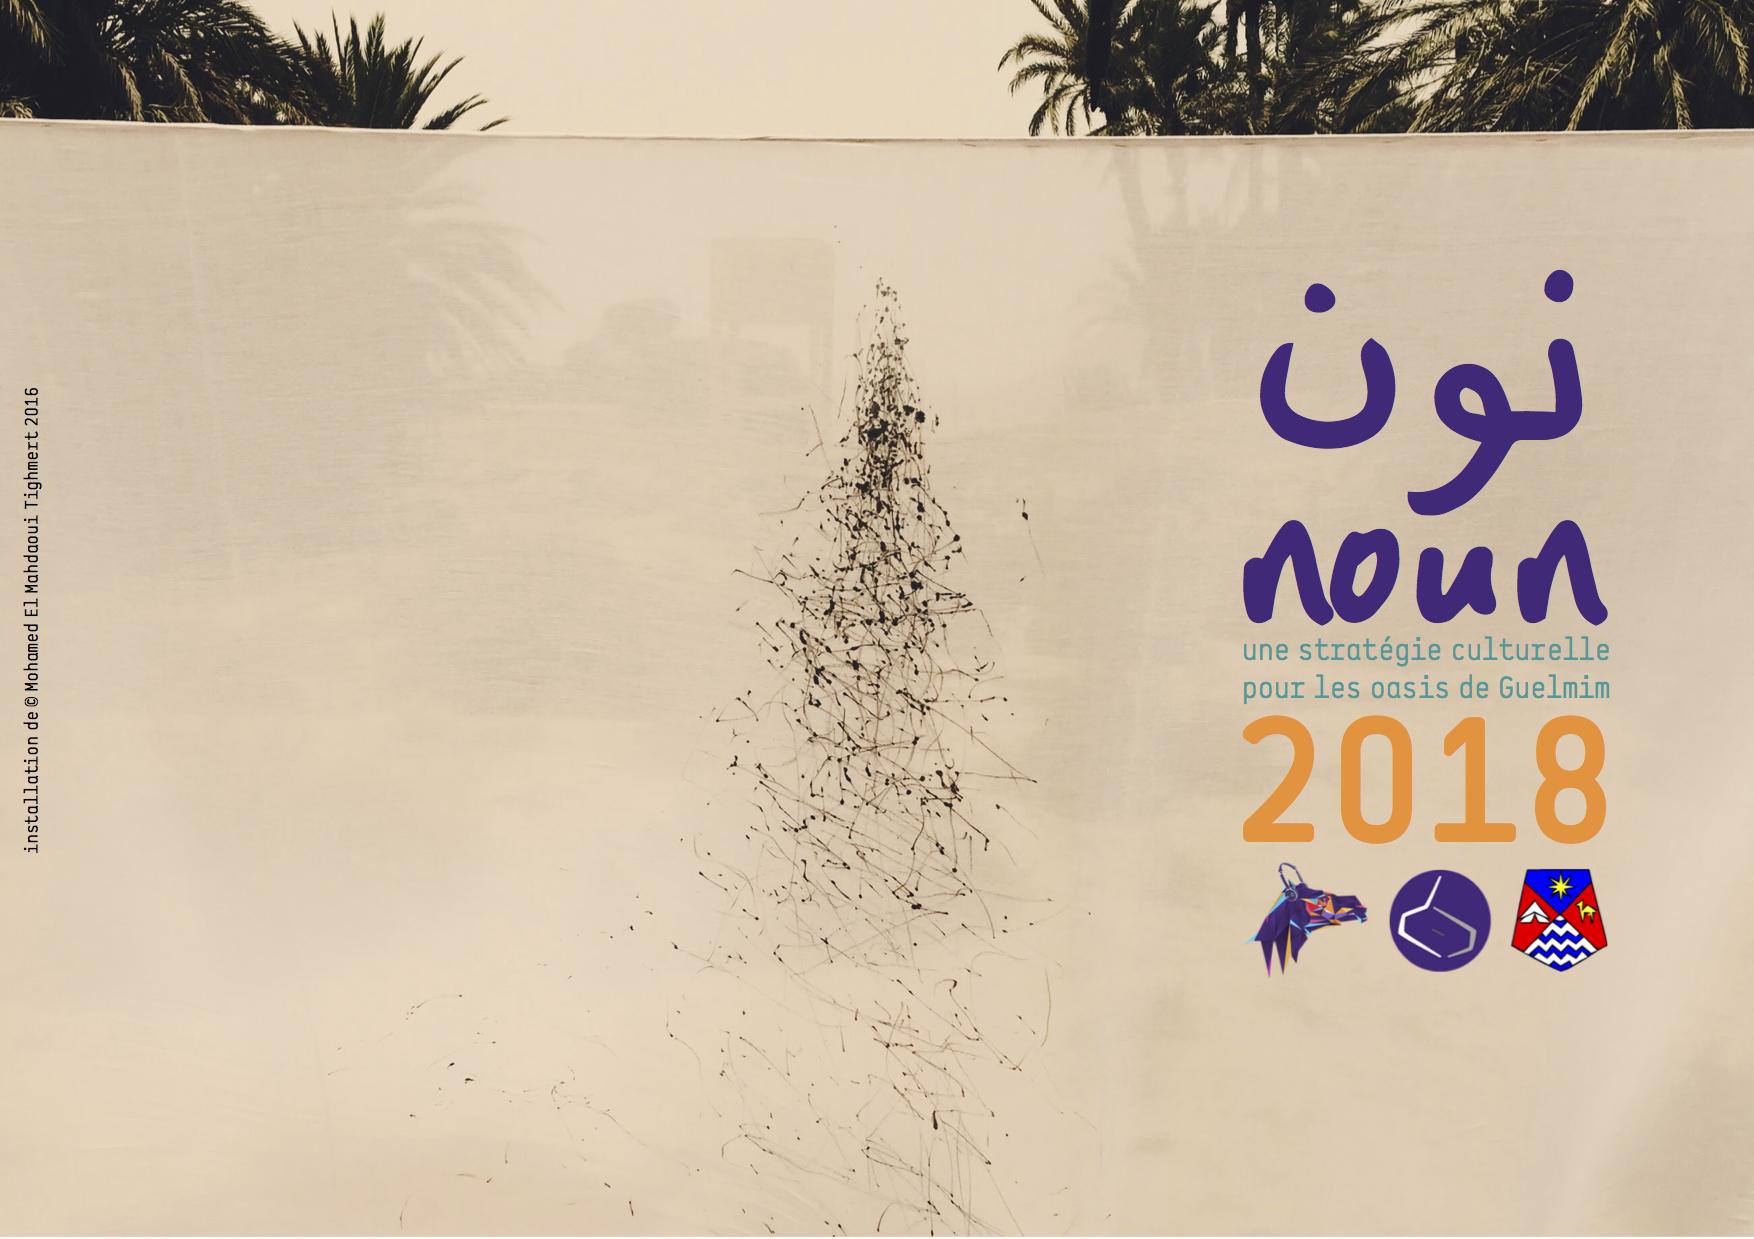 NOUN 2018 cover.jpg